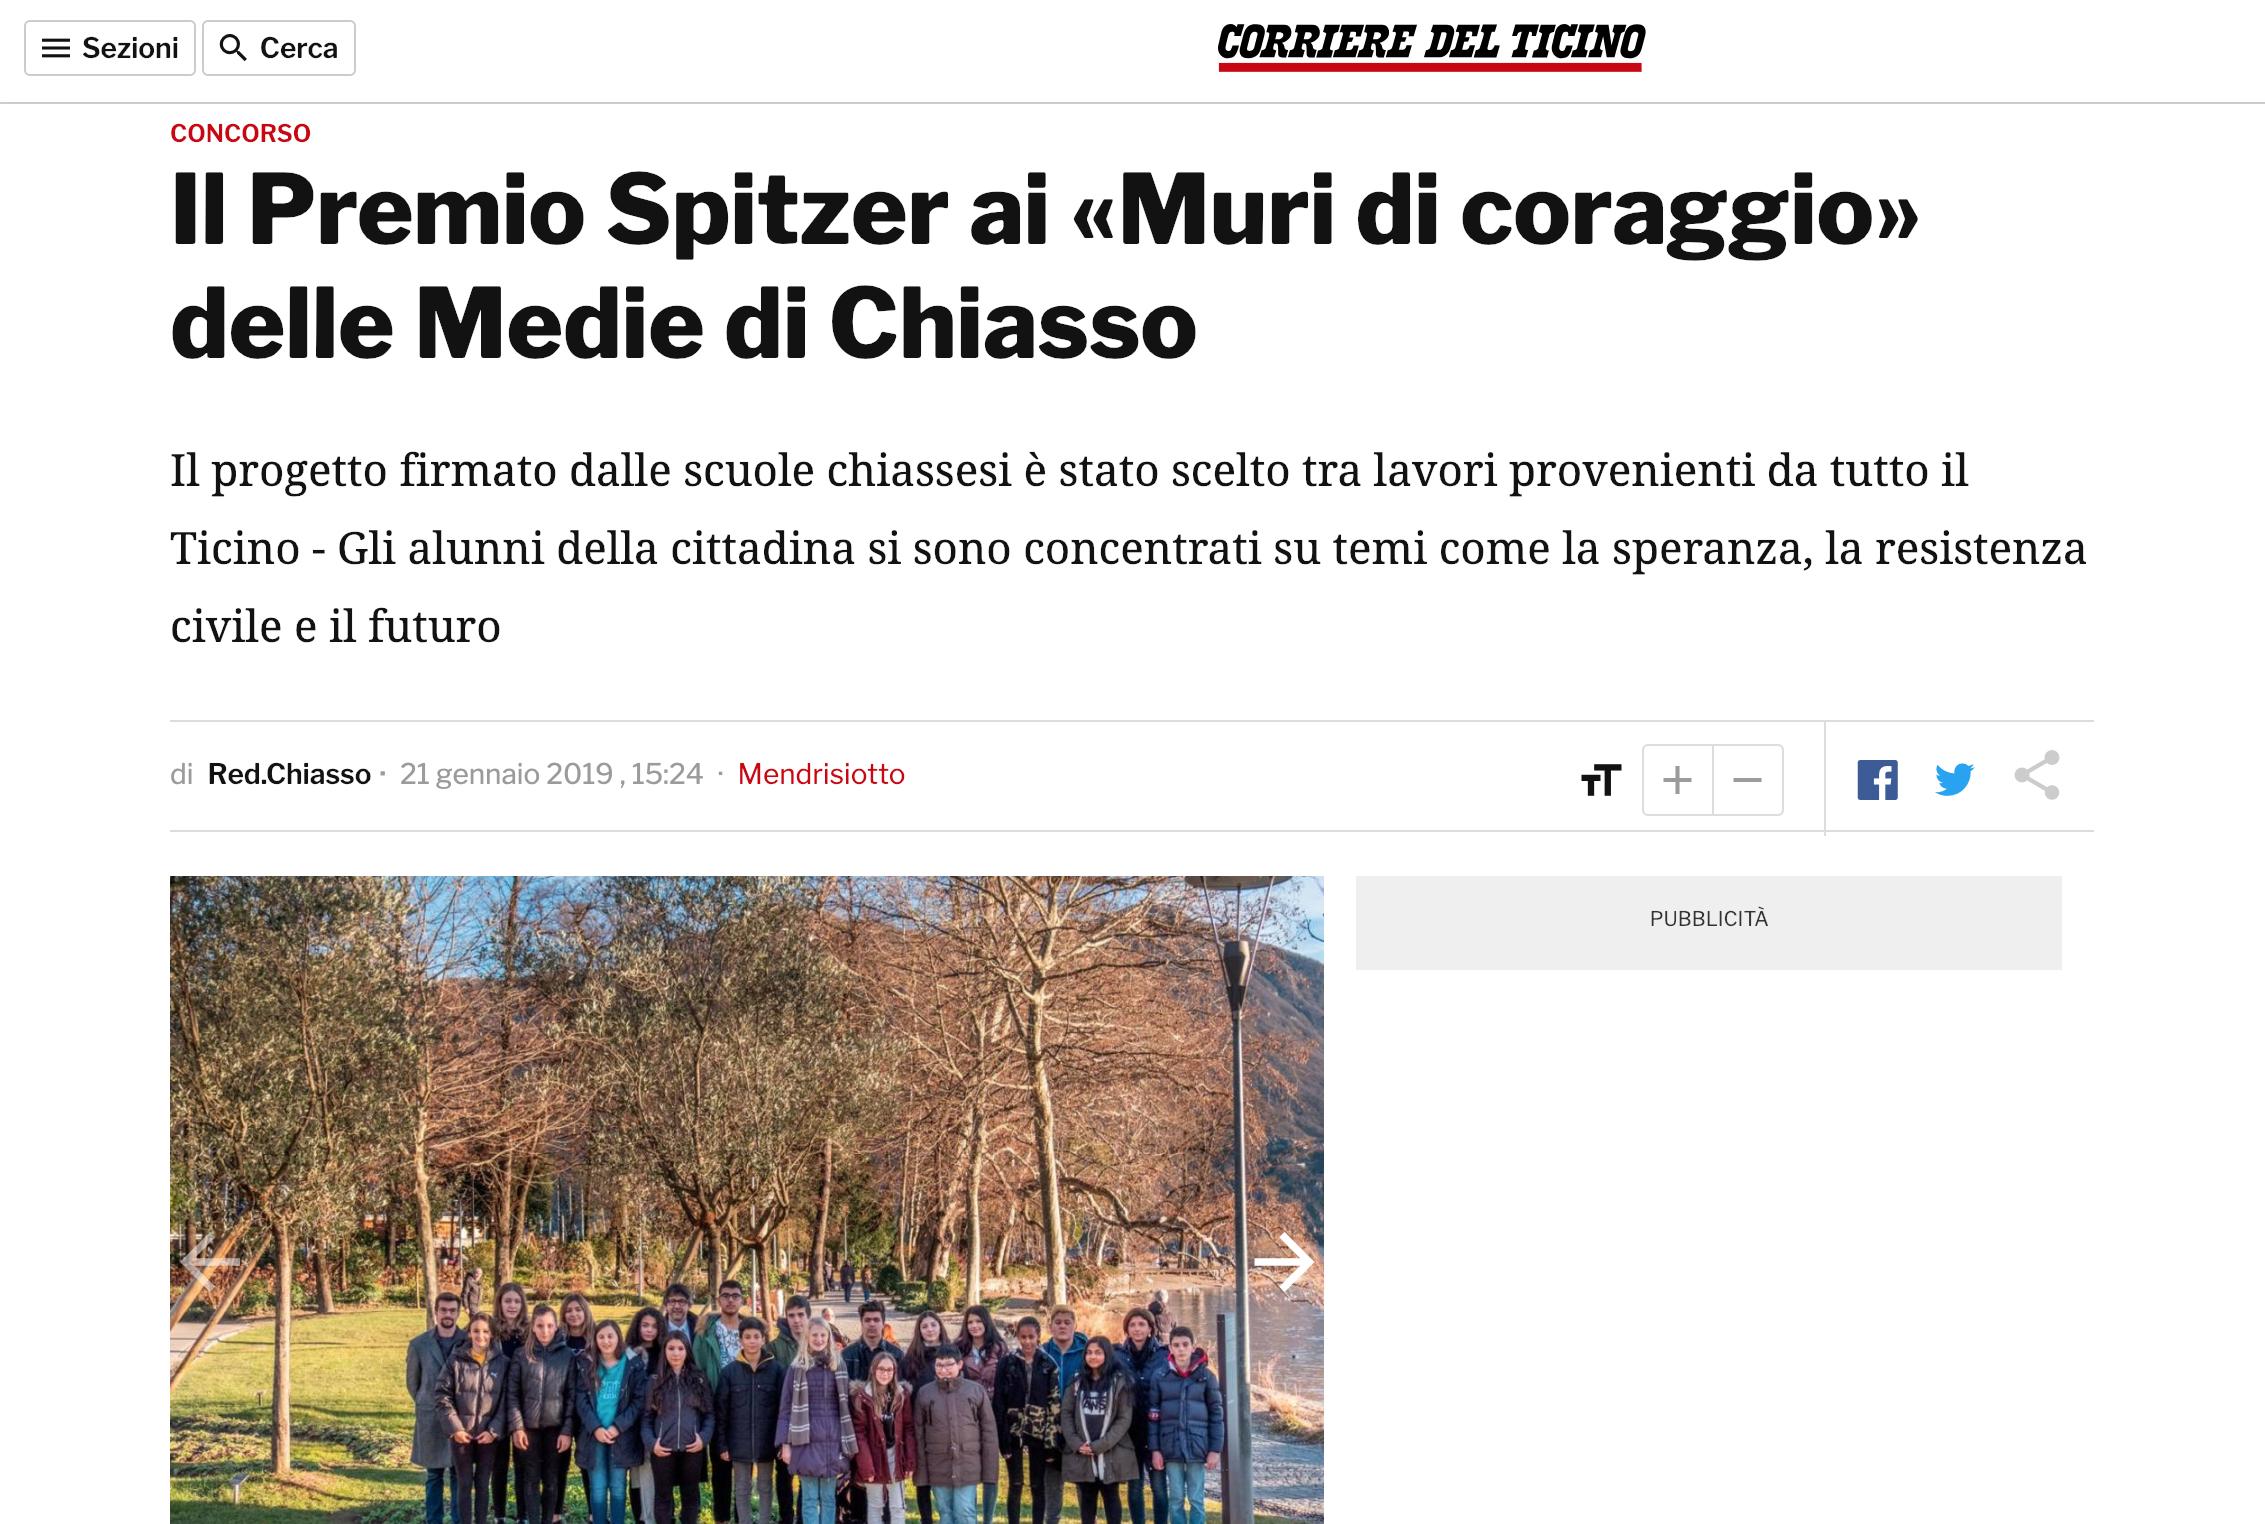 21.01.19 - Corriere del Ticino